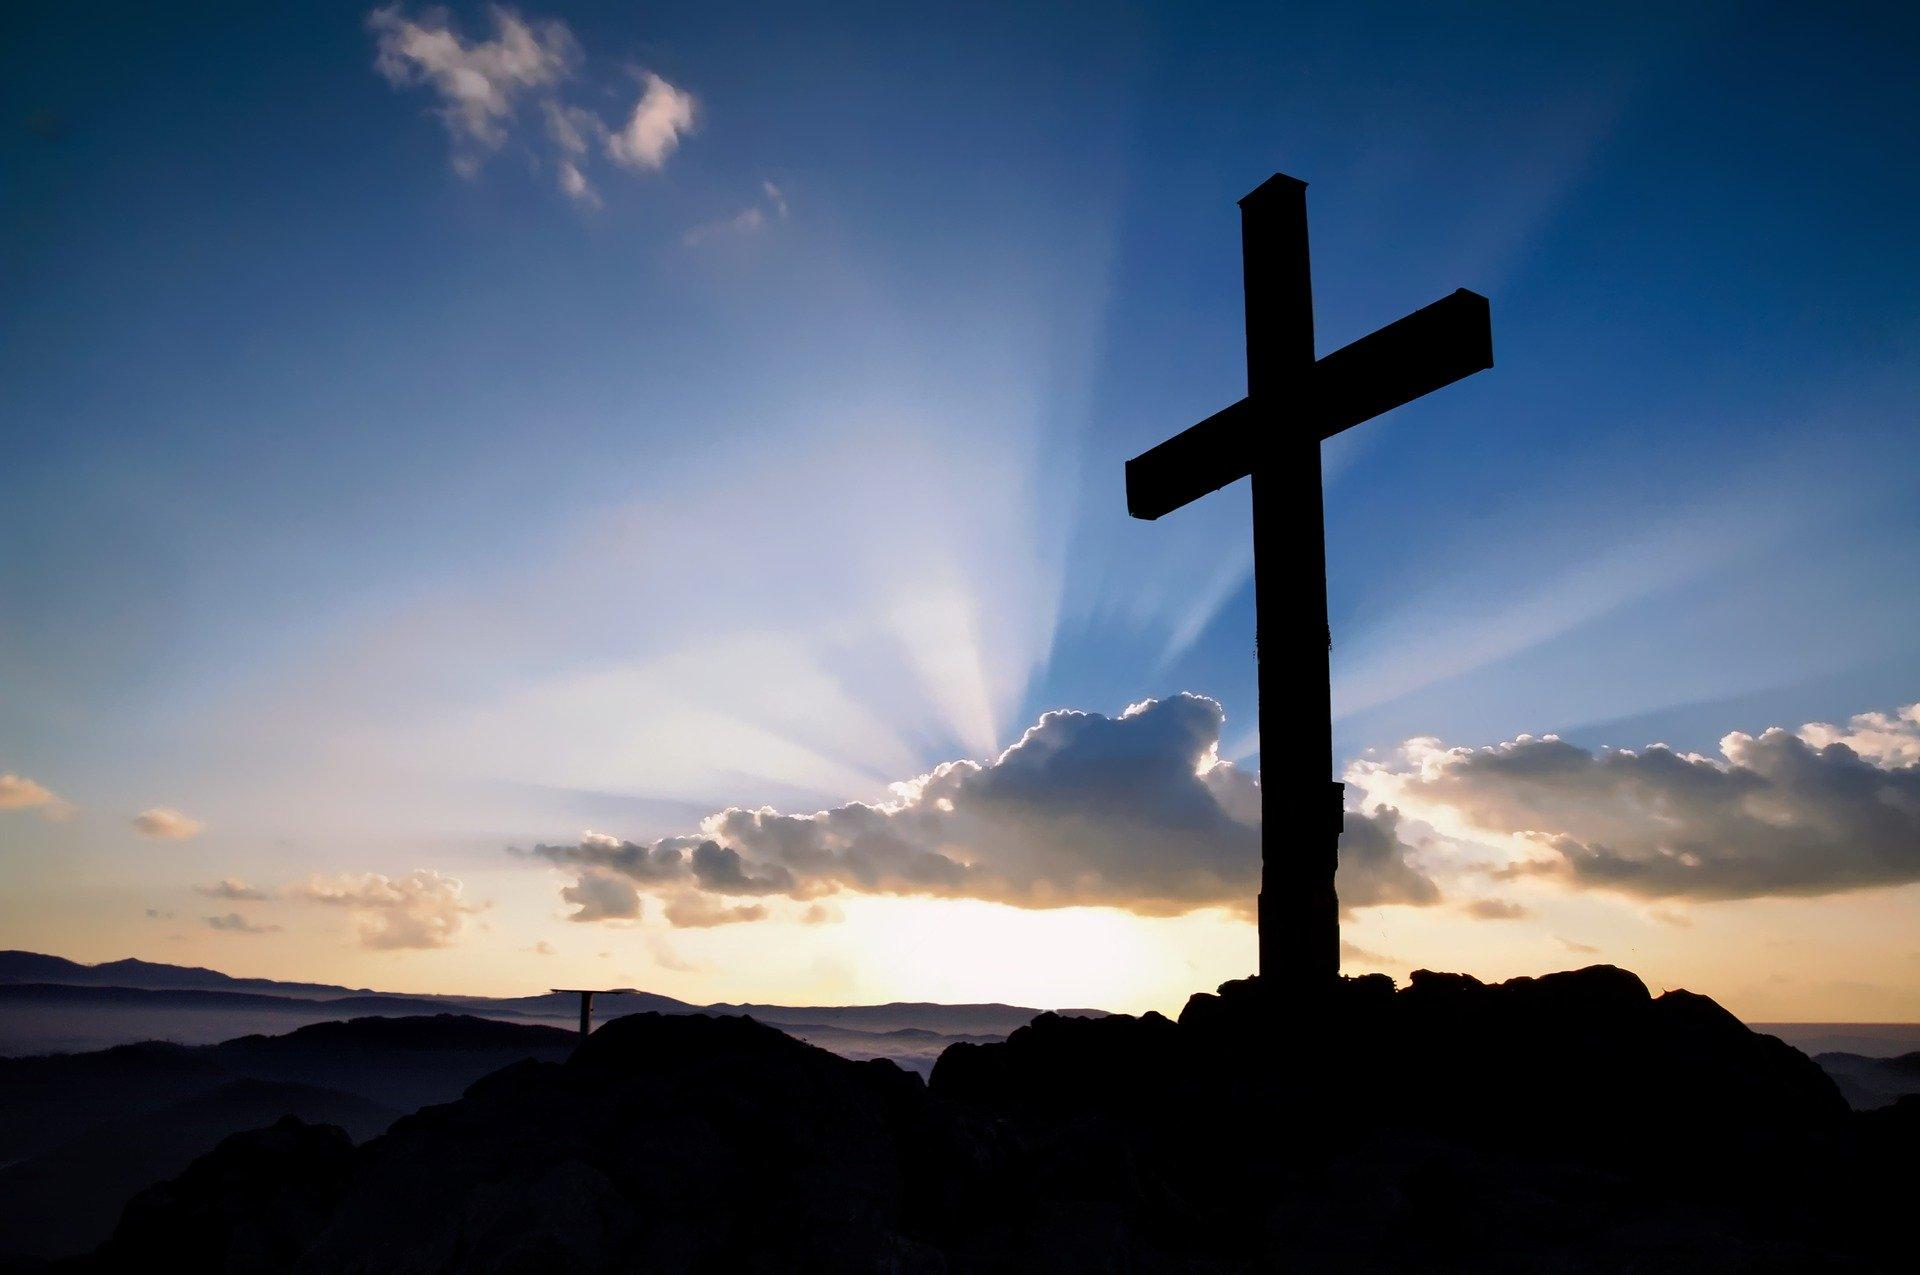 ¿Cuál es la oración para salvación?